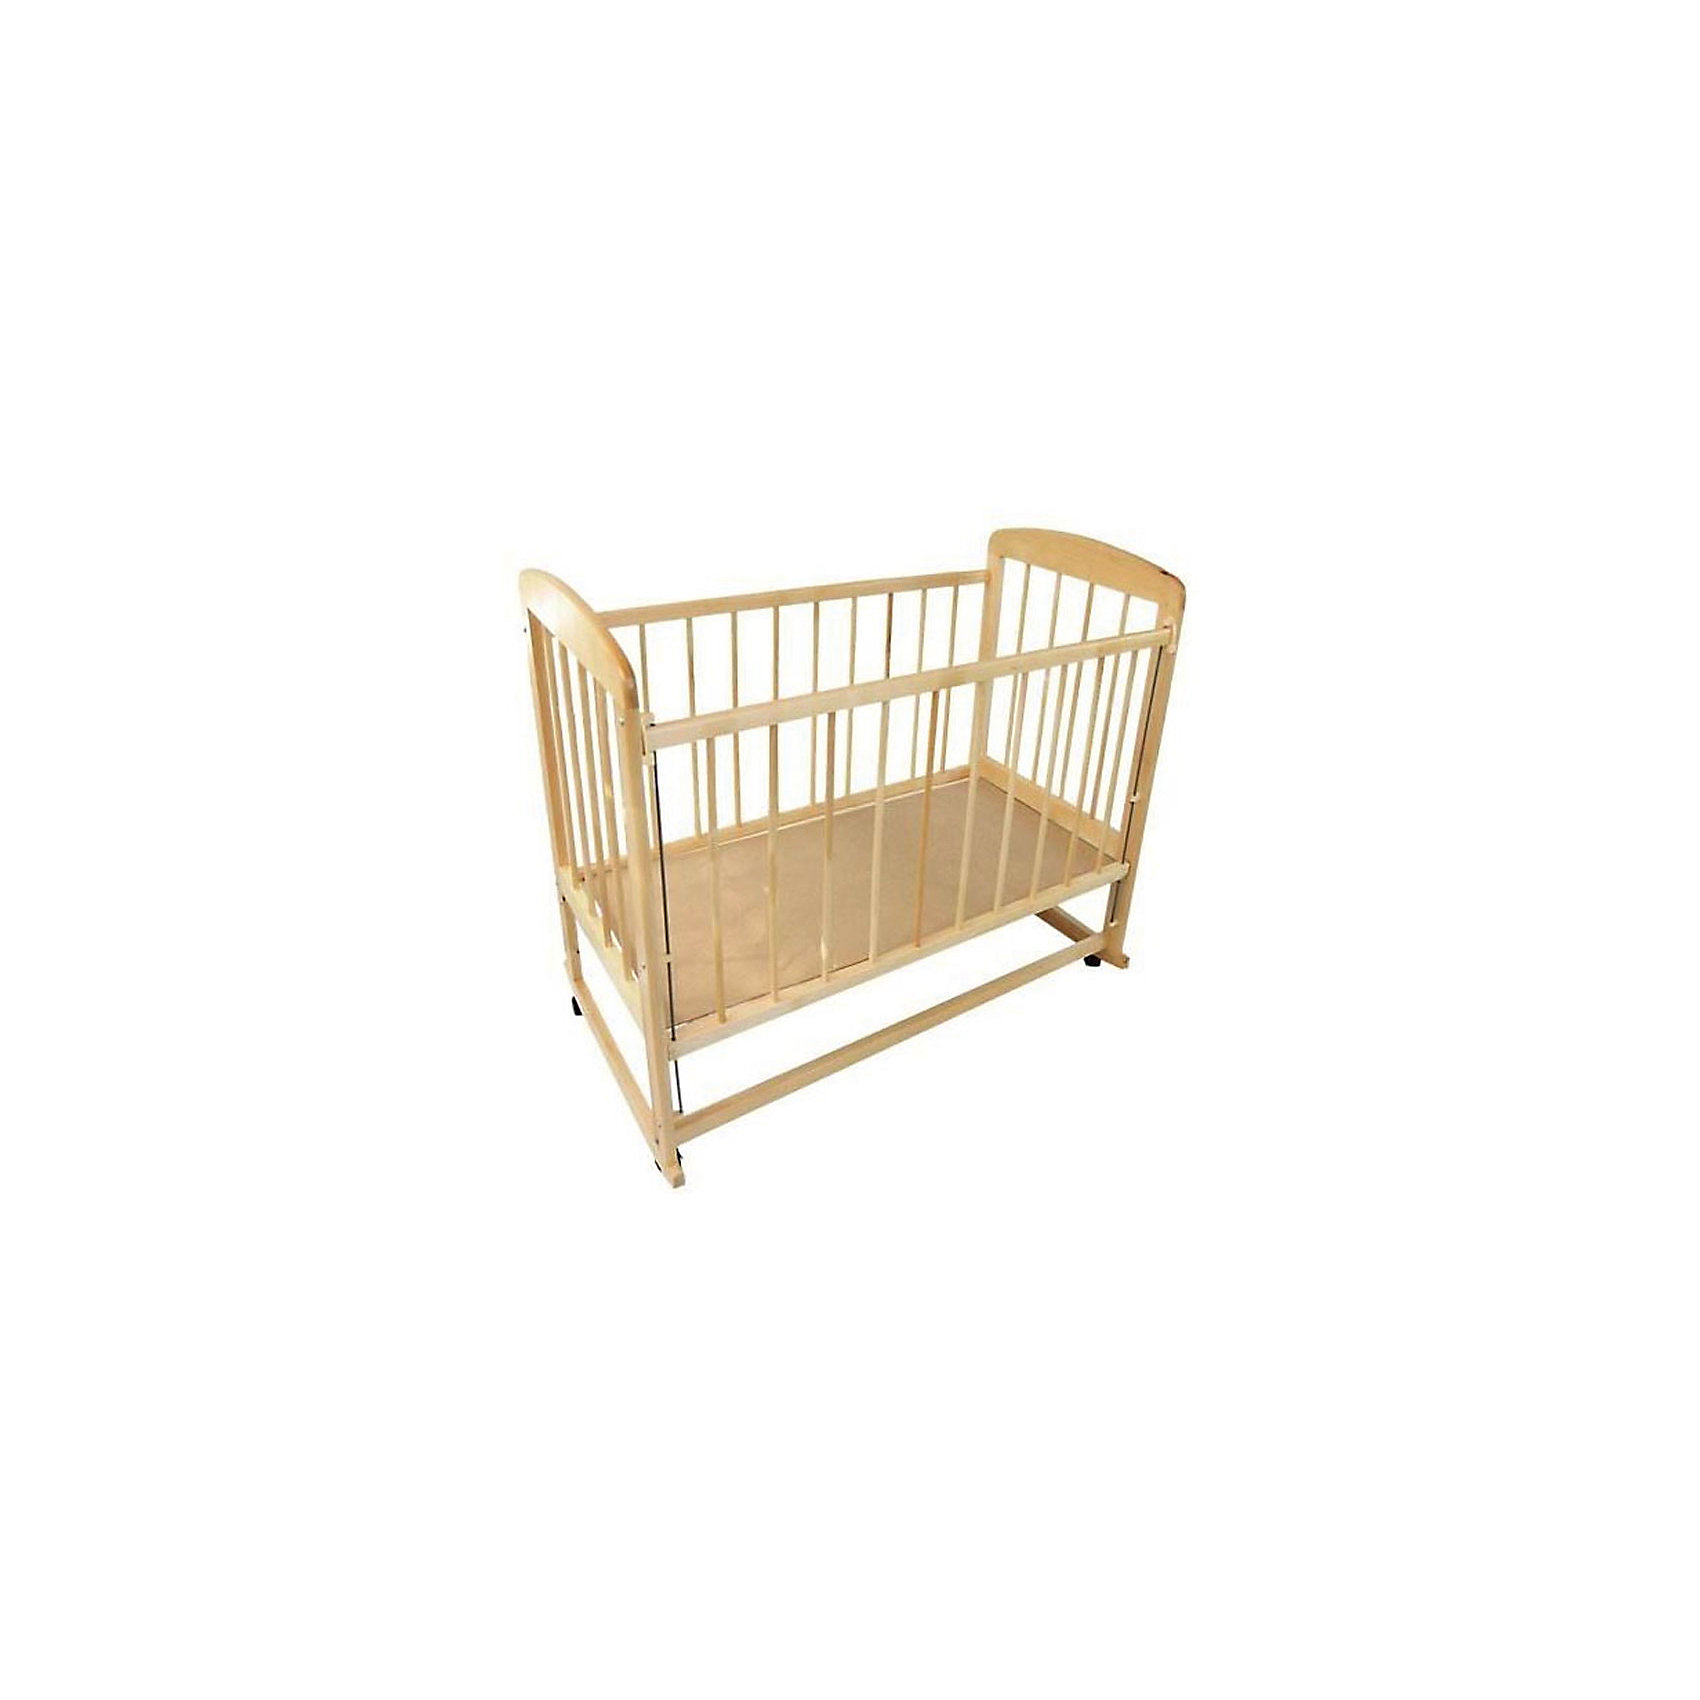 - Кроватка-качалка Мишутка 12, светлая обычная кроватка уренская мебельная фабрика мишутка 14 светлая ящик